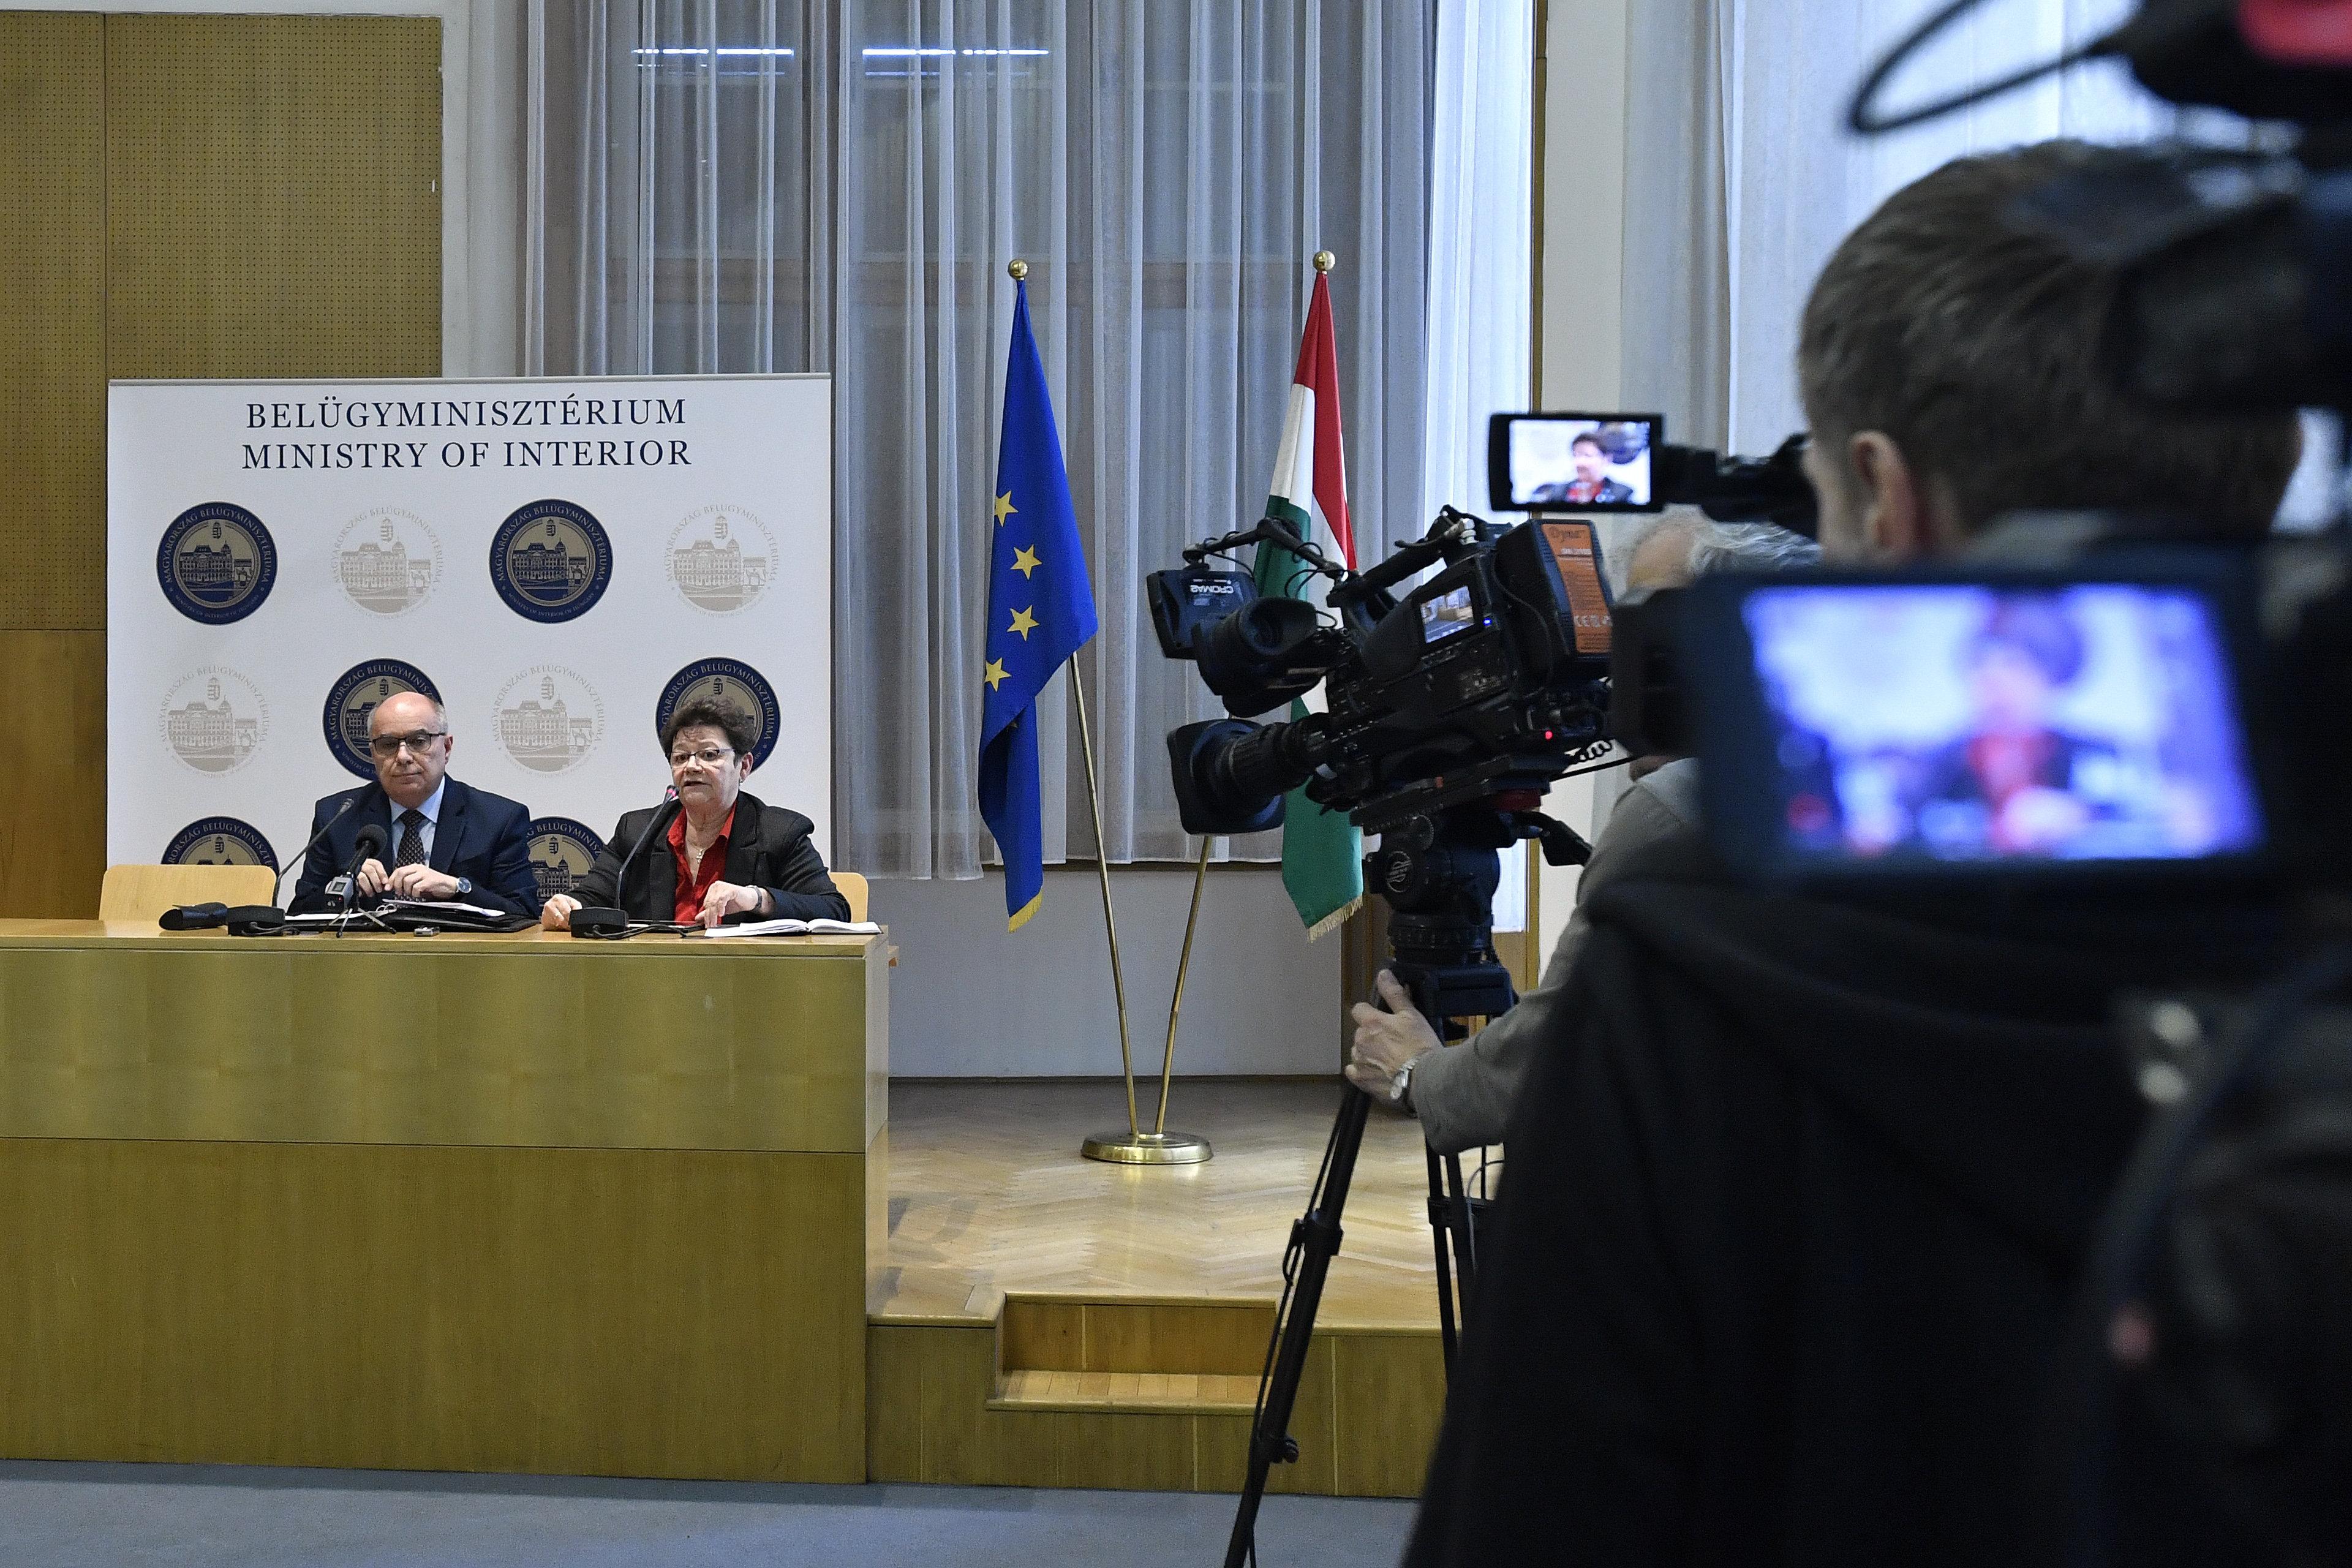 Továbbra sem találtak koronavírus-fertőzöttet Magyarországon